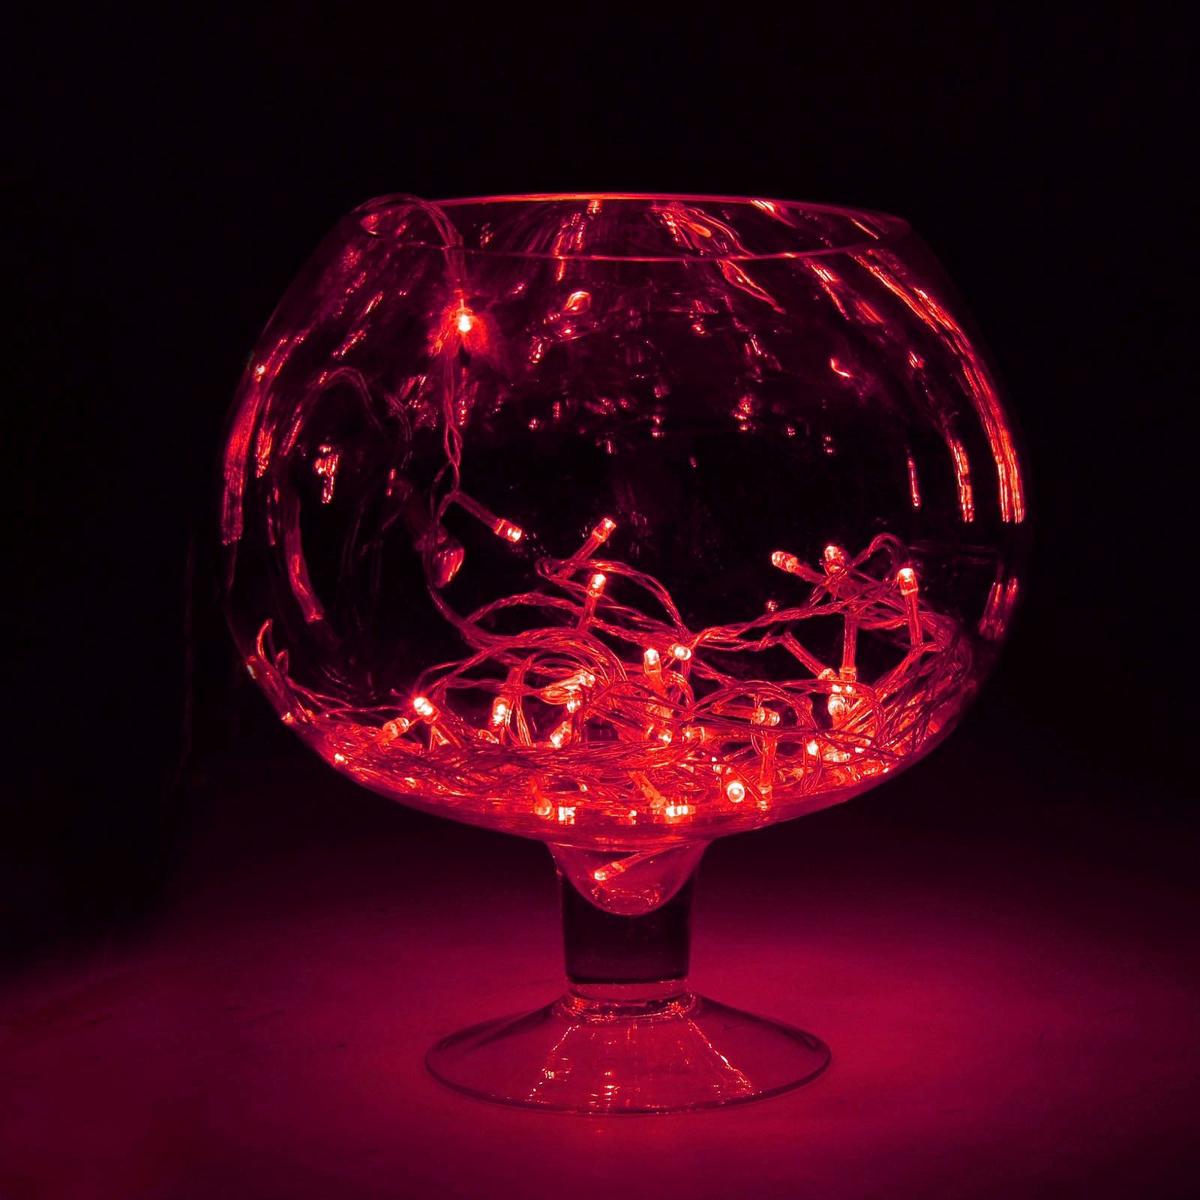 Гирлянда светодиодная Luazon Метраж, 8 режимов, 50 ламп, 220 V, 5,2 м, цвет: красный. 671030671030Светодиодные гирлянды, ленты и т.д. — это отличный вариант для новогоднего оформления интерьера или фасада. С их помощью помещение любого размера можно превратить в праздничный зал, а внешние элементы зданий, украшенные ими, мгновенно станут напоминать очертания сказочного дворца. Такие украшения создают ауру предвкушения чуда. Деревья, фасады, витрины, окна и арки будто специально созданы, чтобы вы украсили их светящимися нитями.